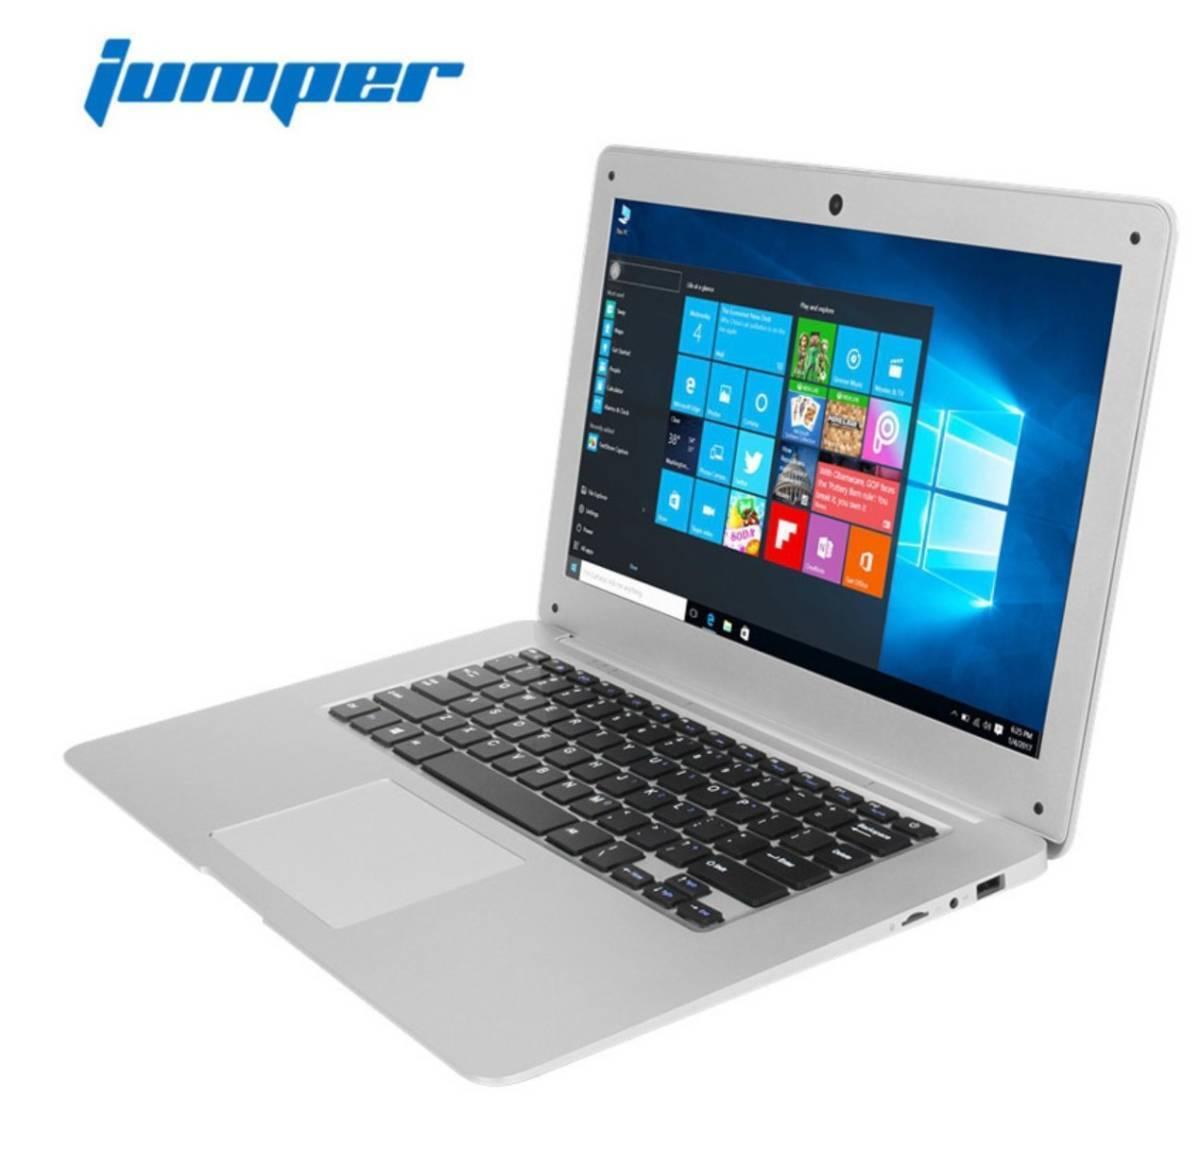 【最安値販売】Laptop Ezbook 2 Ultrabook インテルCHERRY TRAIL X5 Z8350 シルバー 14.0インチ Windows 10 【領収書発行可能】_画像1